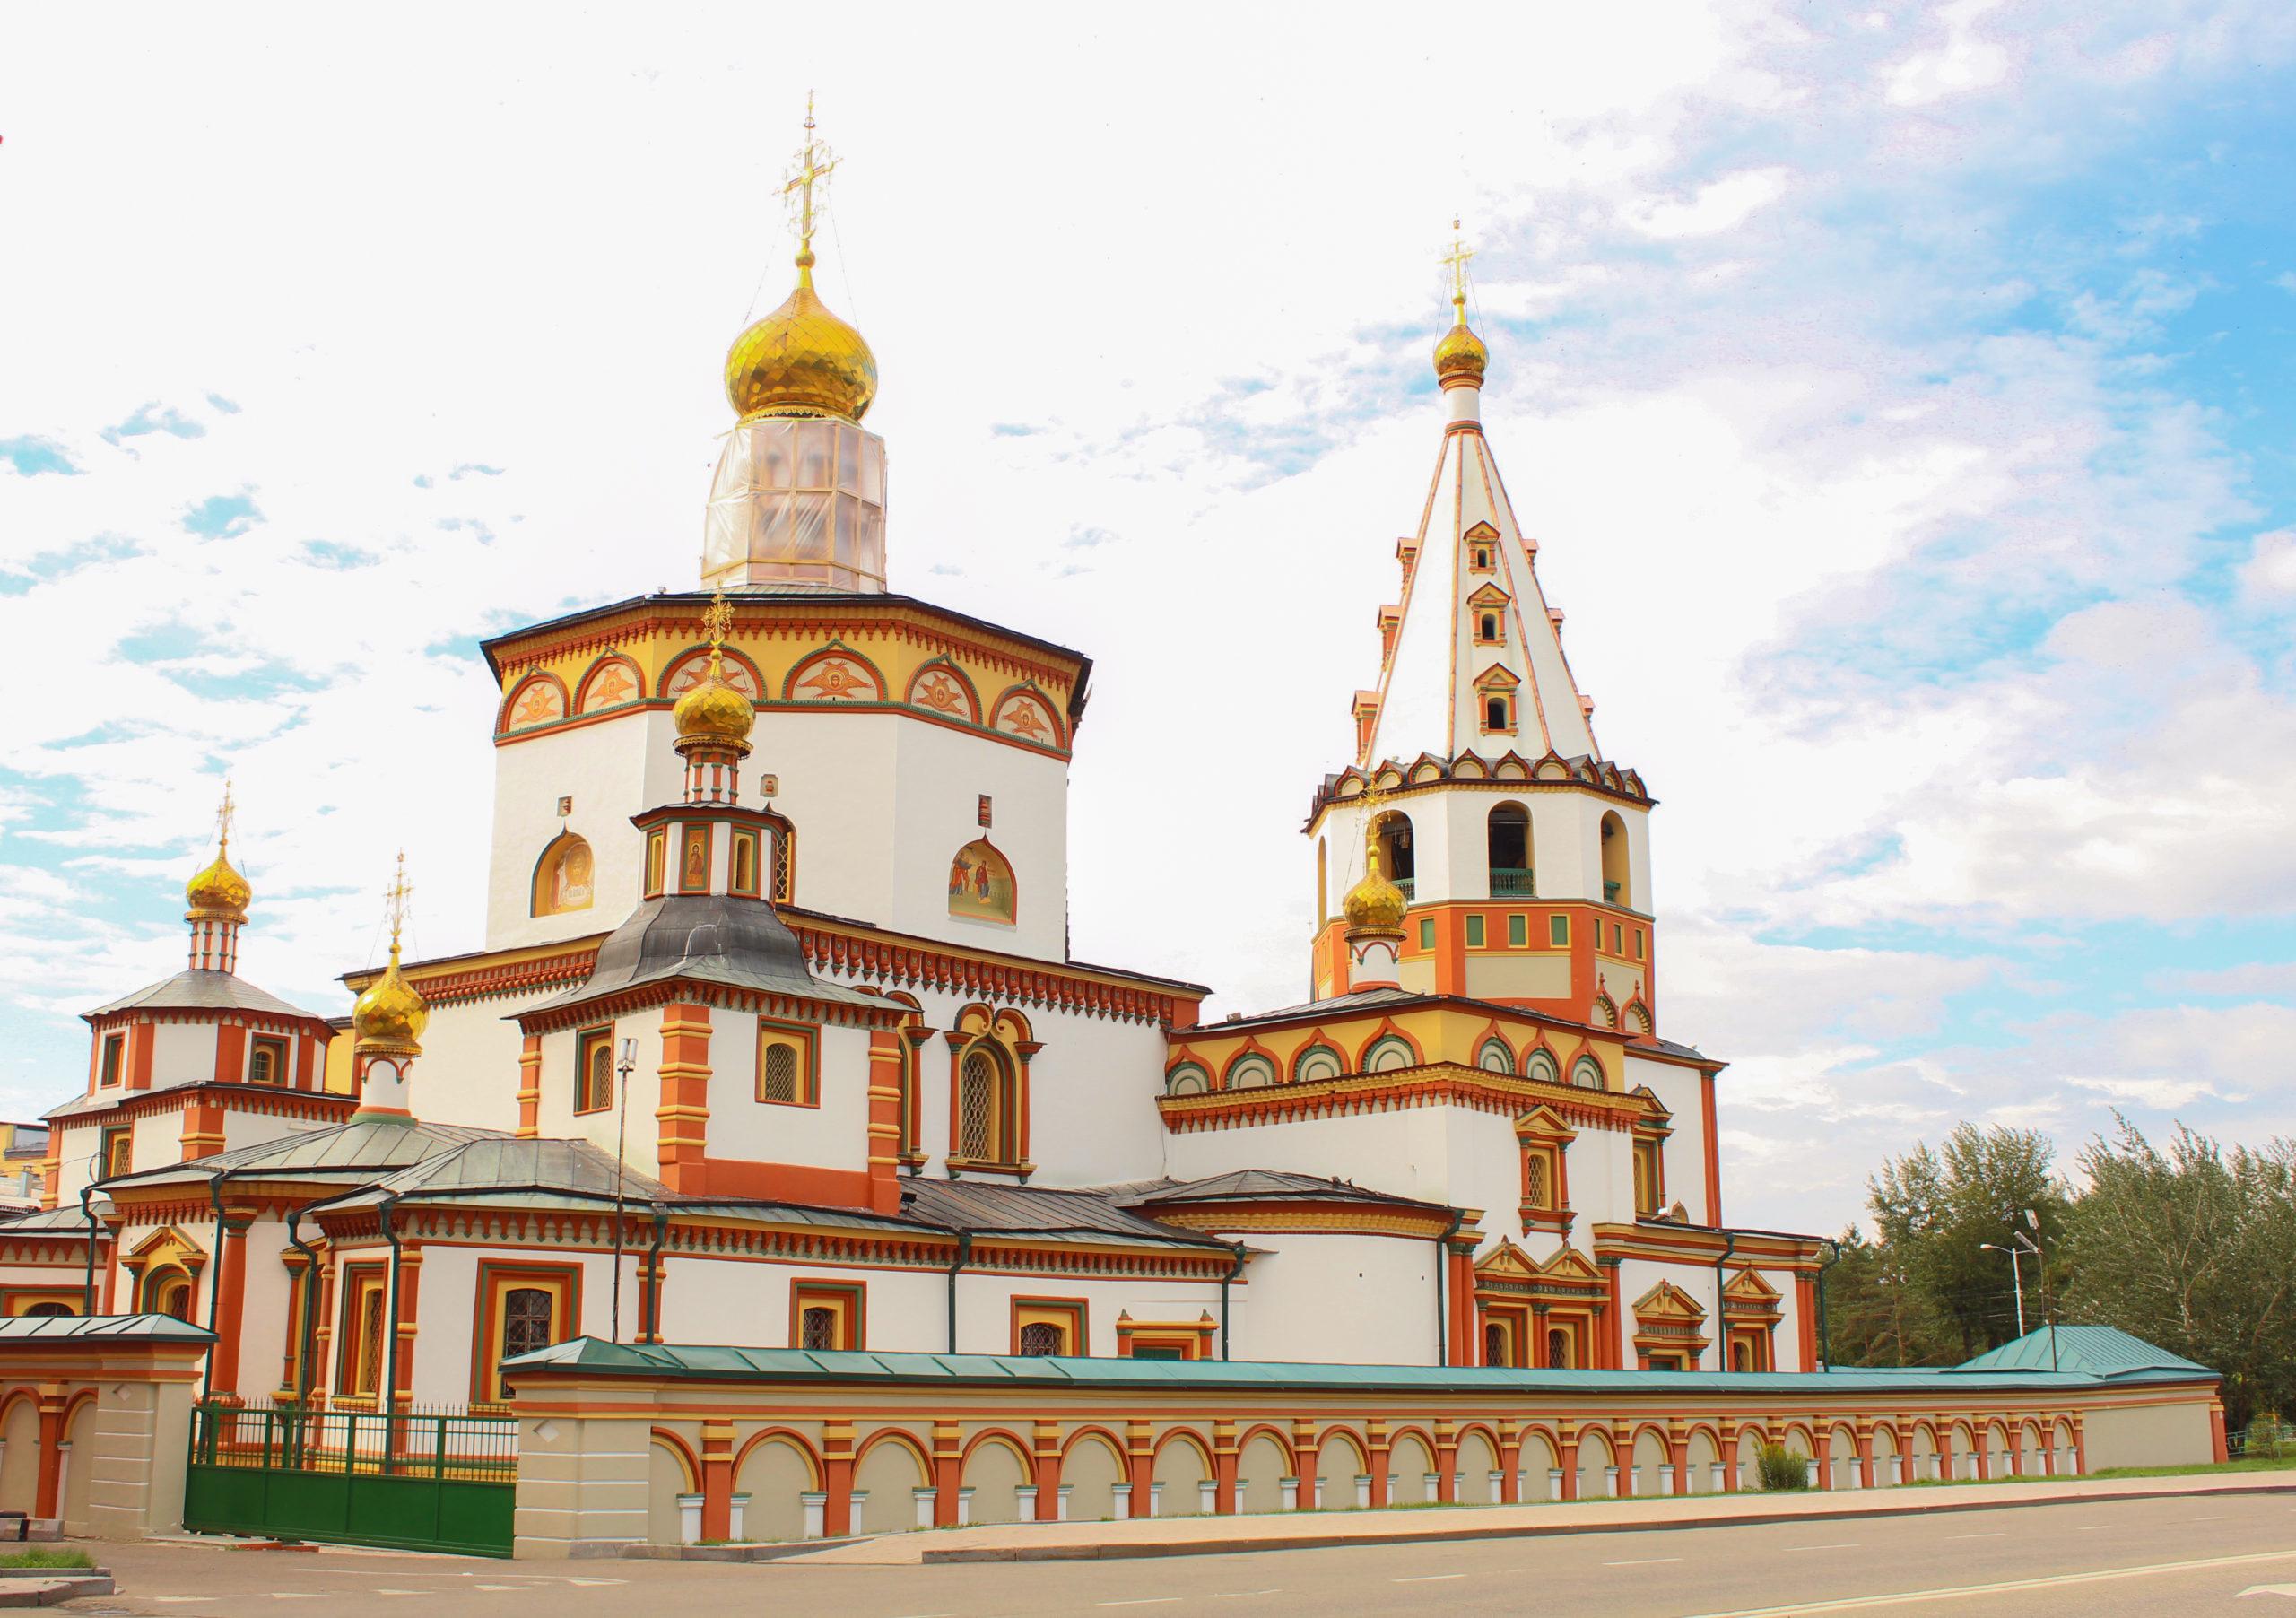 собор-богоявления-иркутск